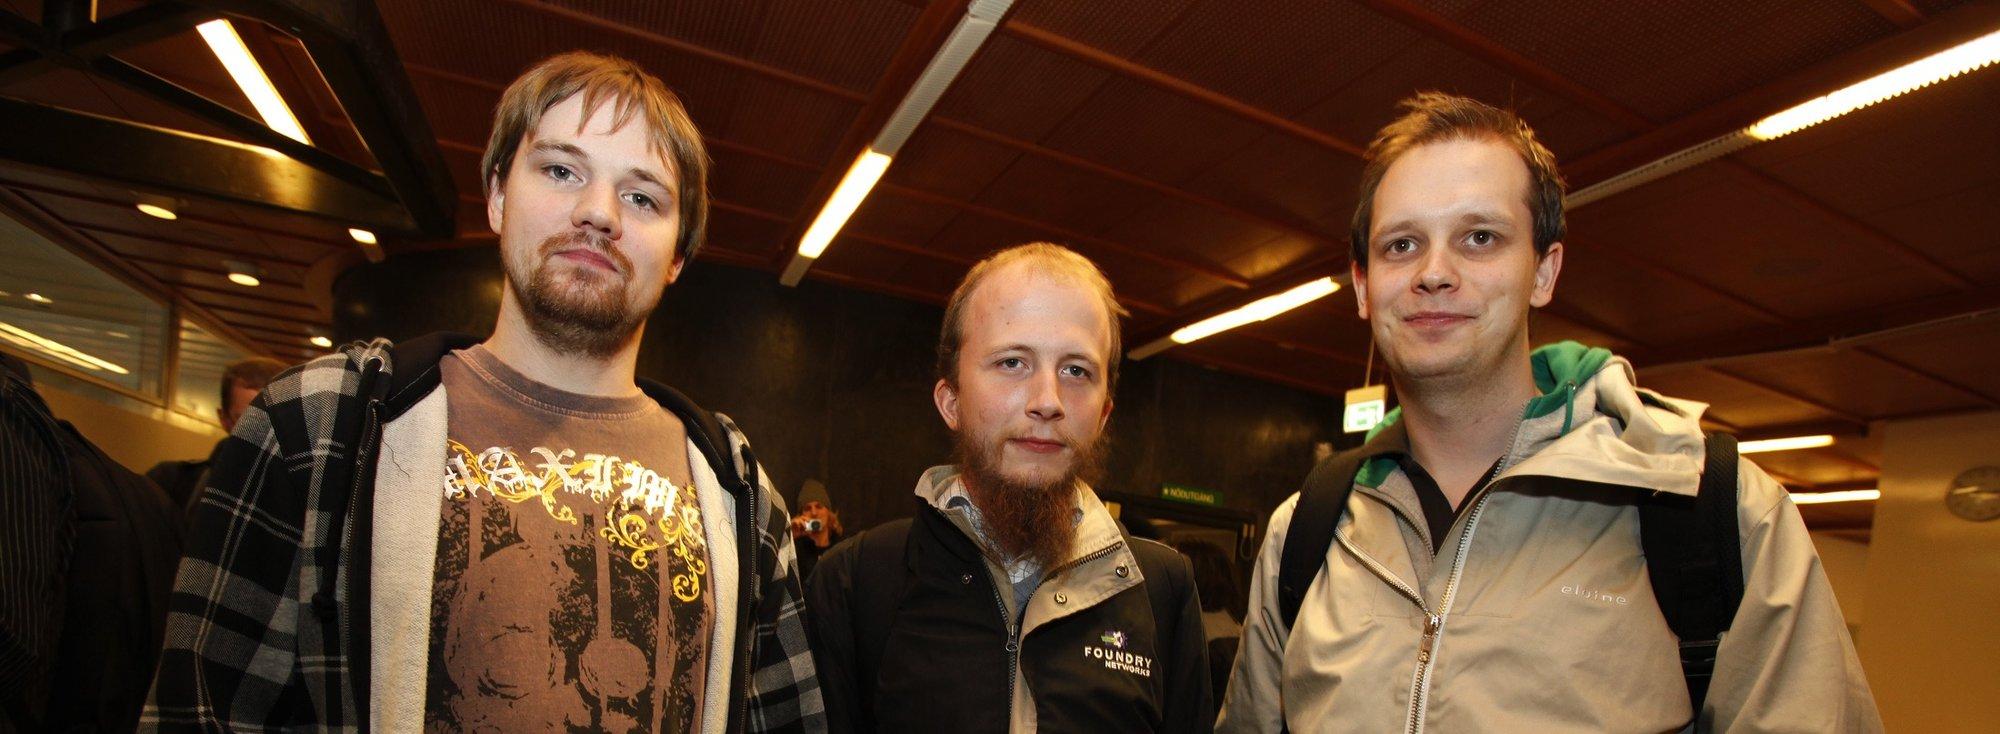 Fra venstre: Fredrik Neij, Gottfrid Svartholm-Warg og Peter Sunde. Svartholm-Warg var ikke tilstede under ankesaken og får derfor ingen dom i dag. Han må møte i retten senere.